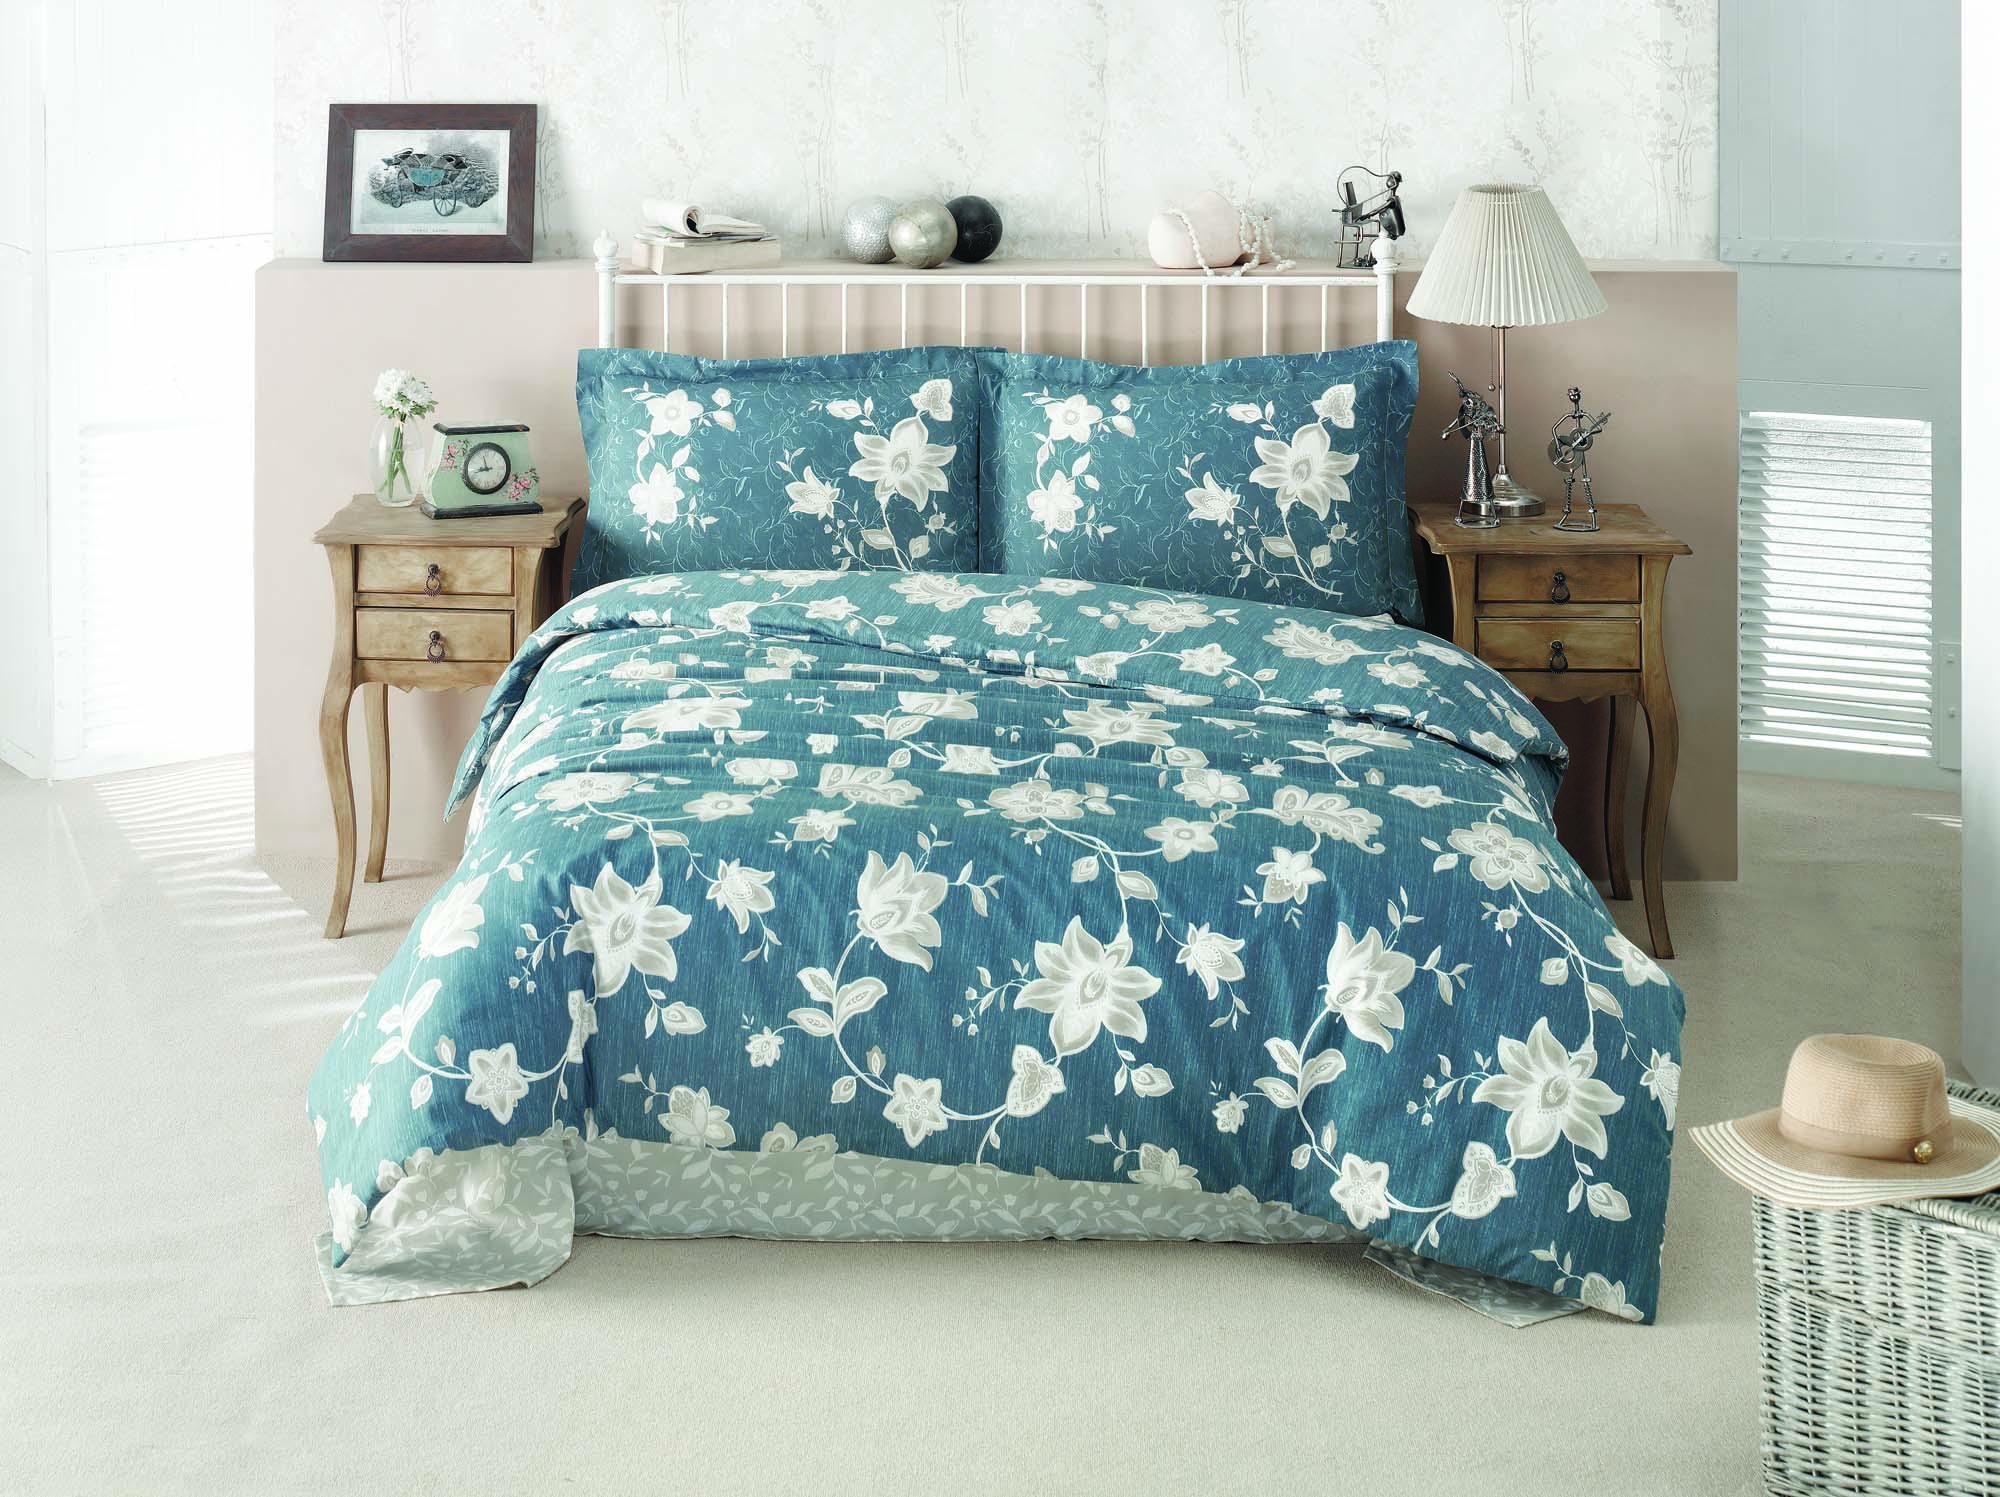 Комплект белья Clasy Belinay, семейный, наволочки 50х70, цвет: синийS03301004Комплект постельного белья Clasy Belinay изготовлен в Турции из высококачественного ранфорса на одной из ведущих фабрик.Выбирая постельное белье Clasy Belinay вы будете приятно удивлены качественной выделкой ткани, красивыми и модными расцветками, а так же его отличным качеством. Все наволочки у комплектов Clasy Belinay имеют клапан без пуговиц и молнии. Все пододеяльники с пуговицами.